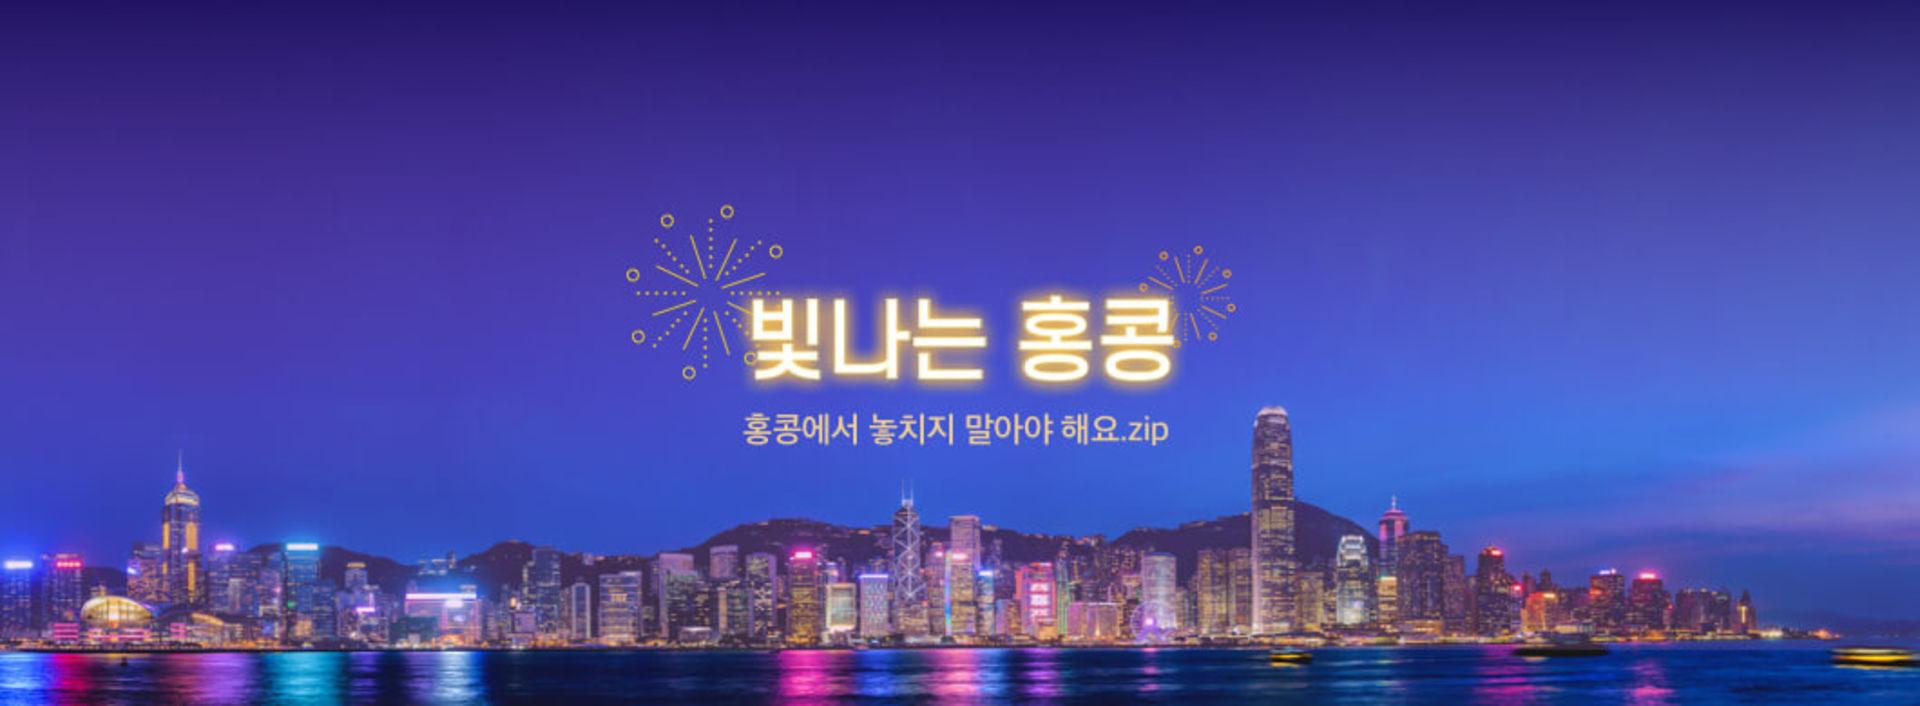 빛나는 홍콩